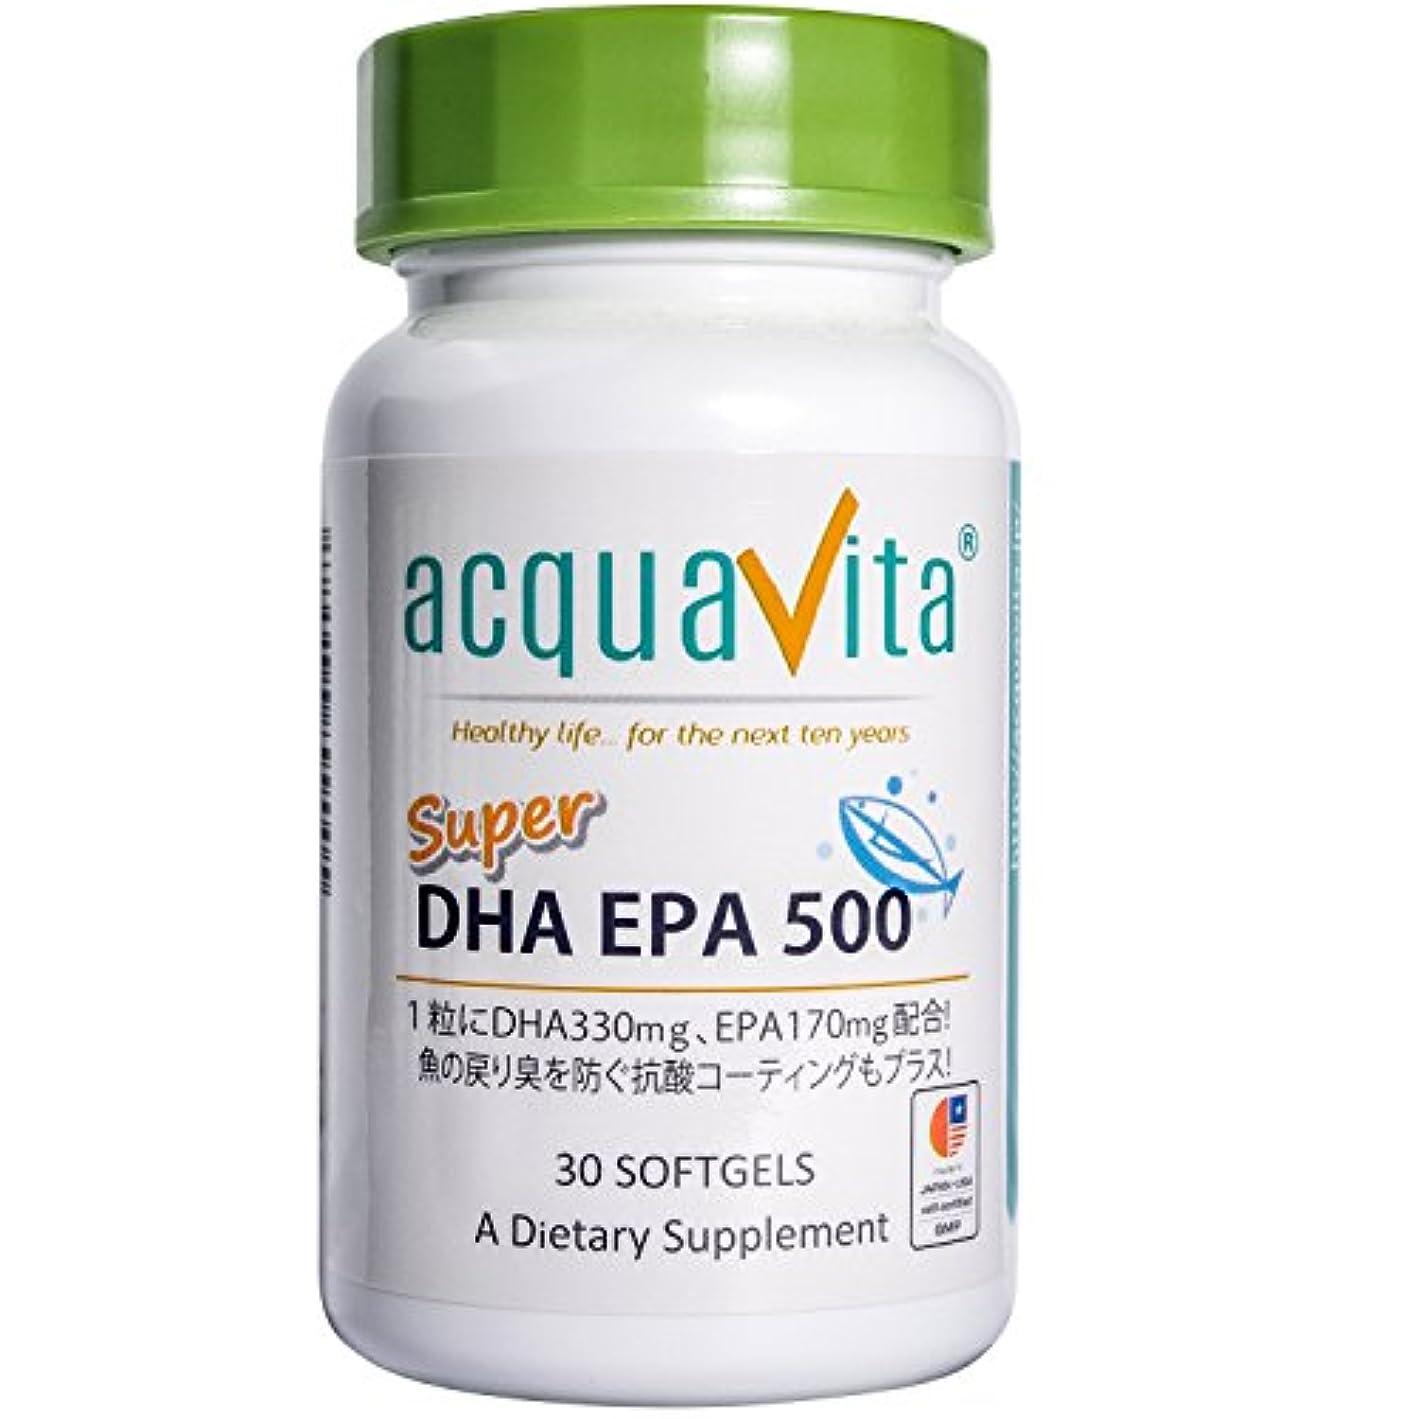 先生理想的相対サイズacquavita(アクアヴィータ) スーパーDHAEPA500 30粒